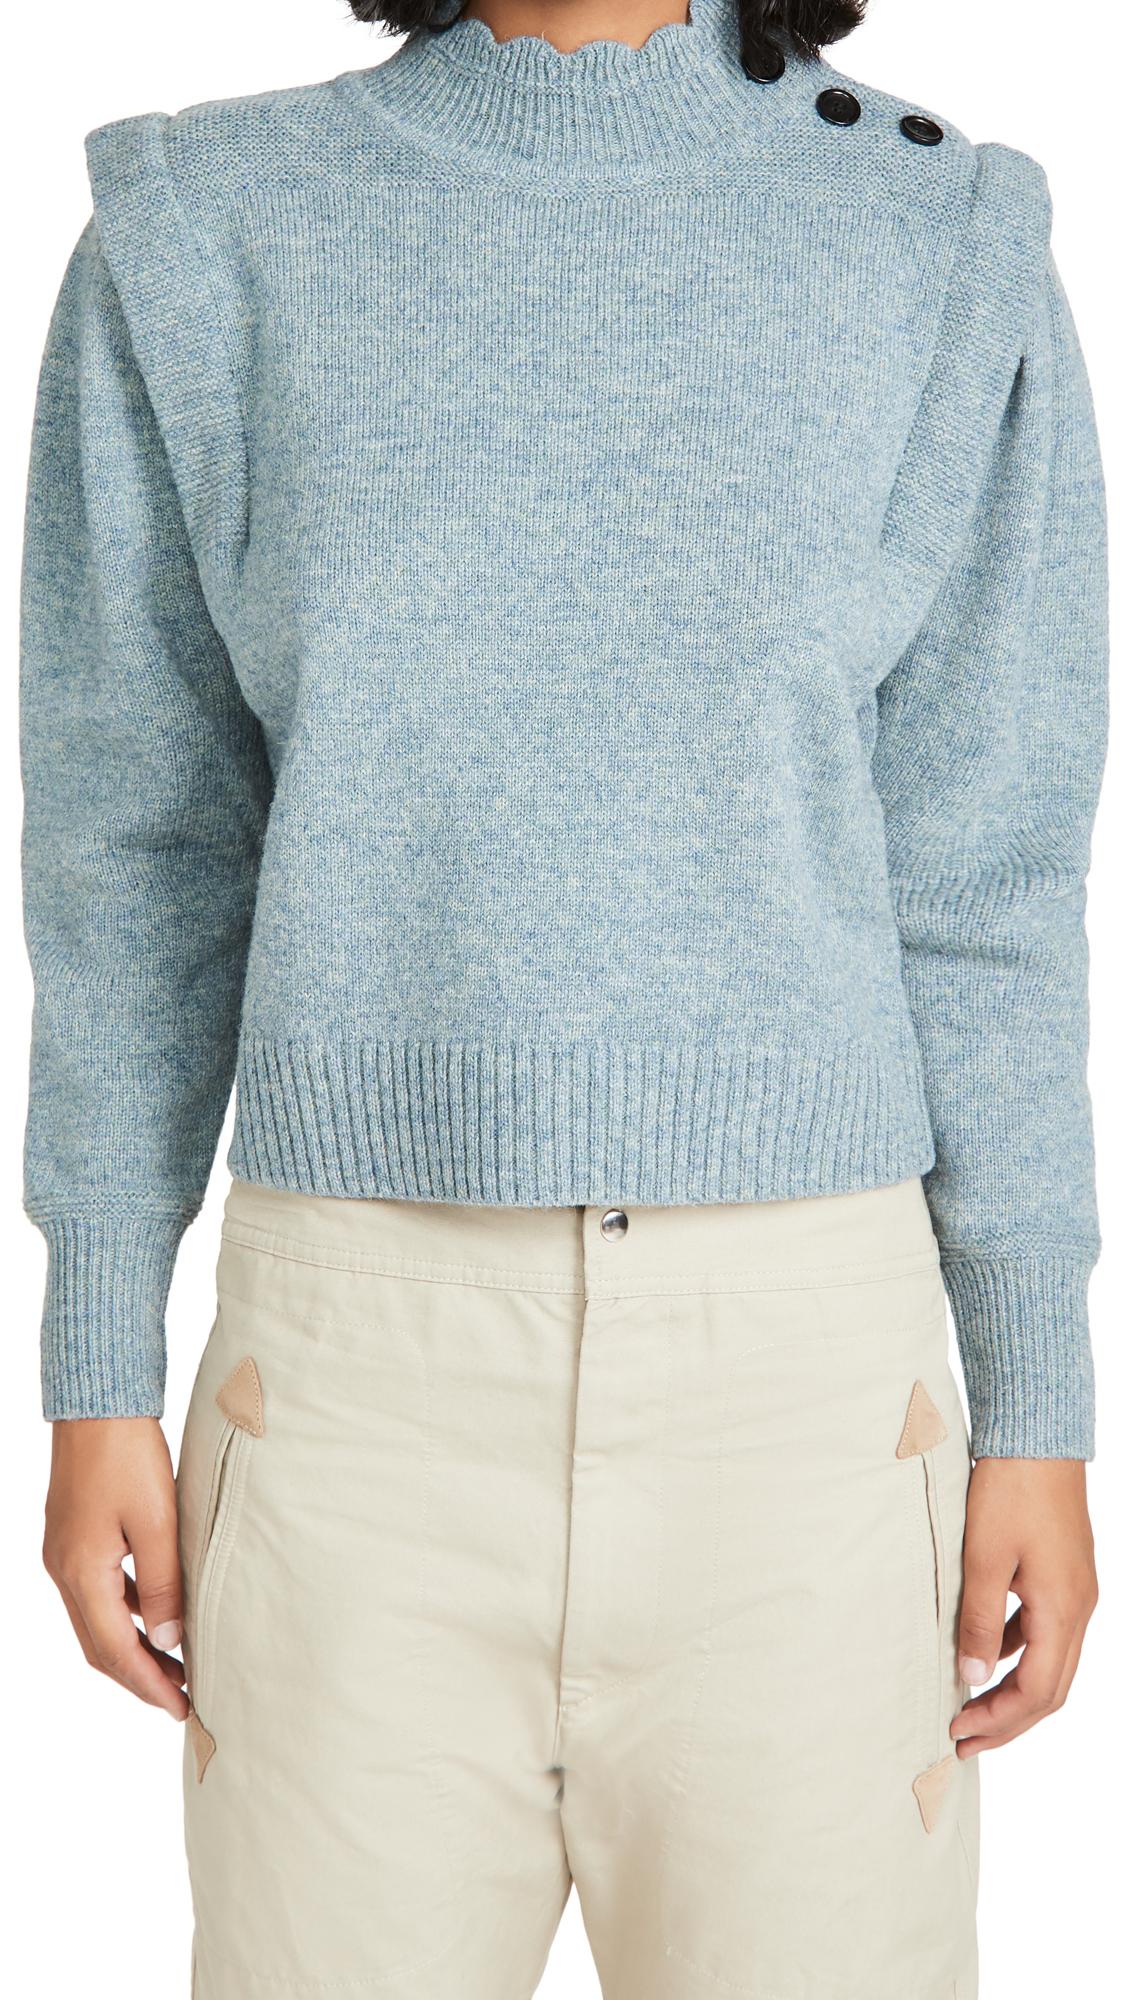 Isabel Marant Etoile Meery Pullover